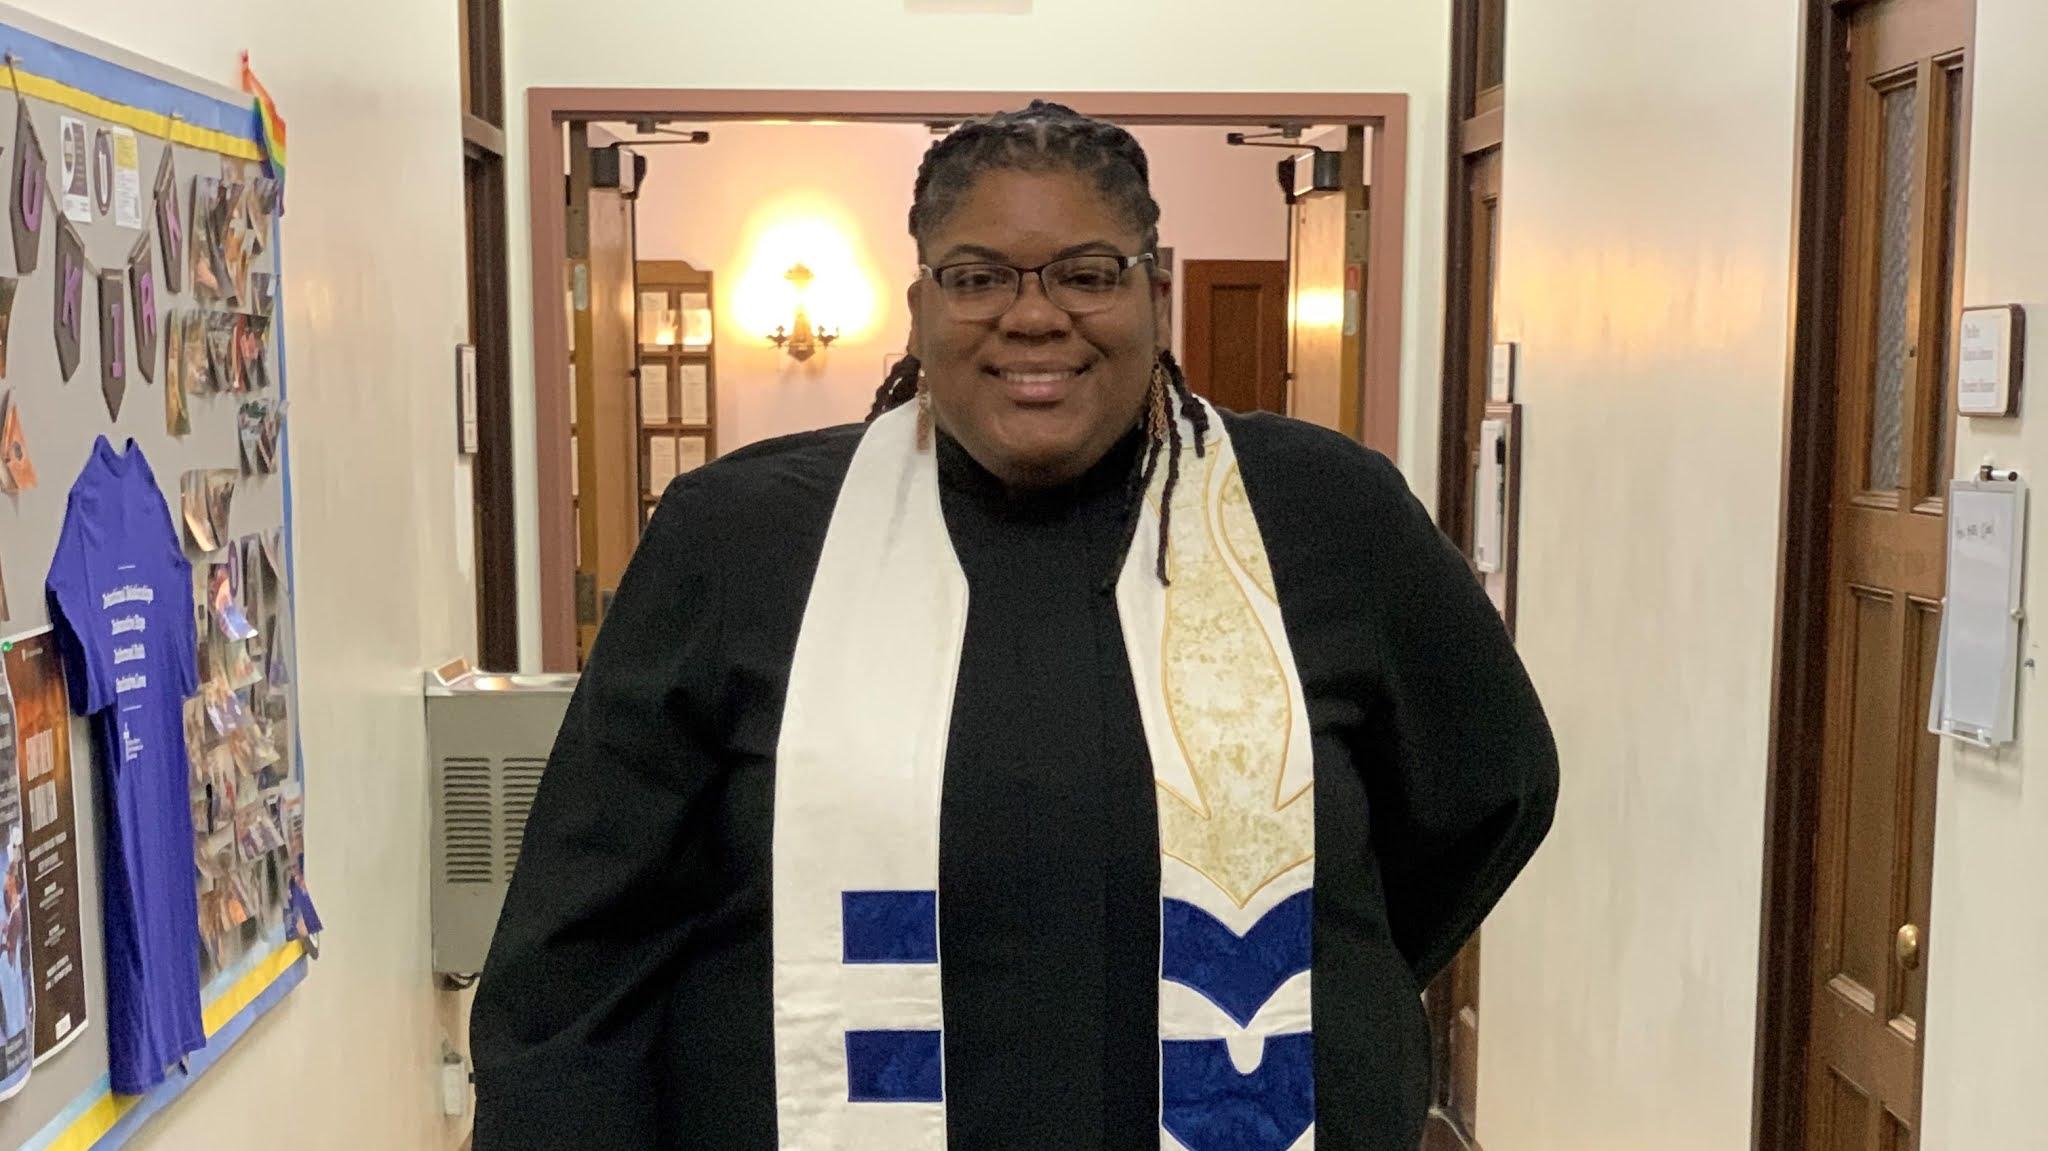 Rev. Khayla Johnson